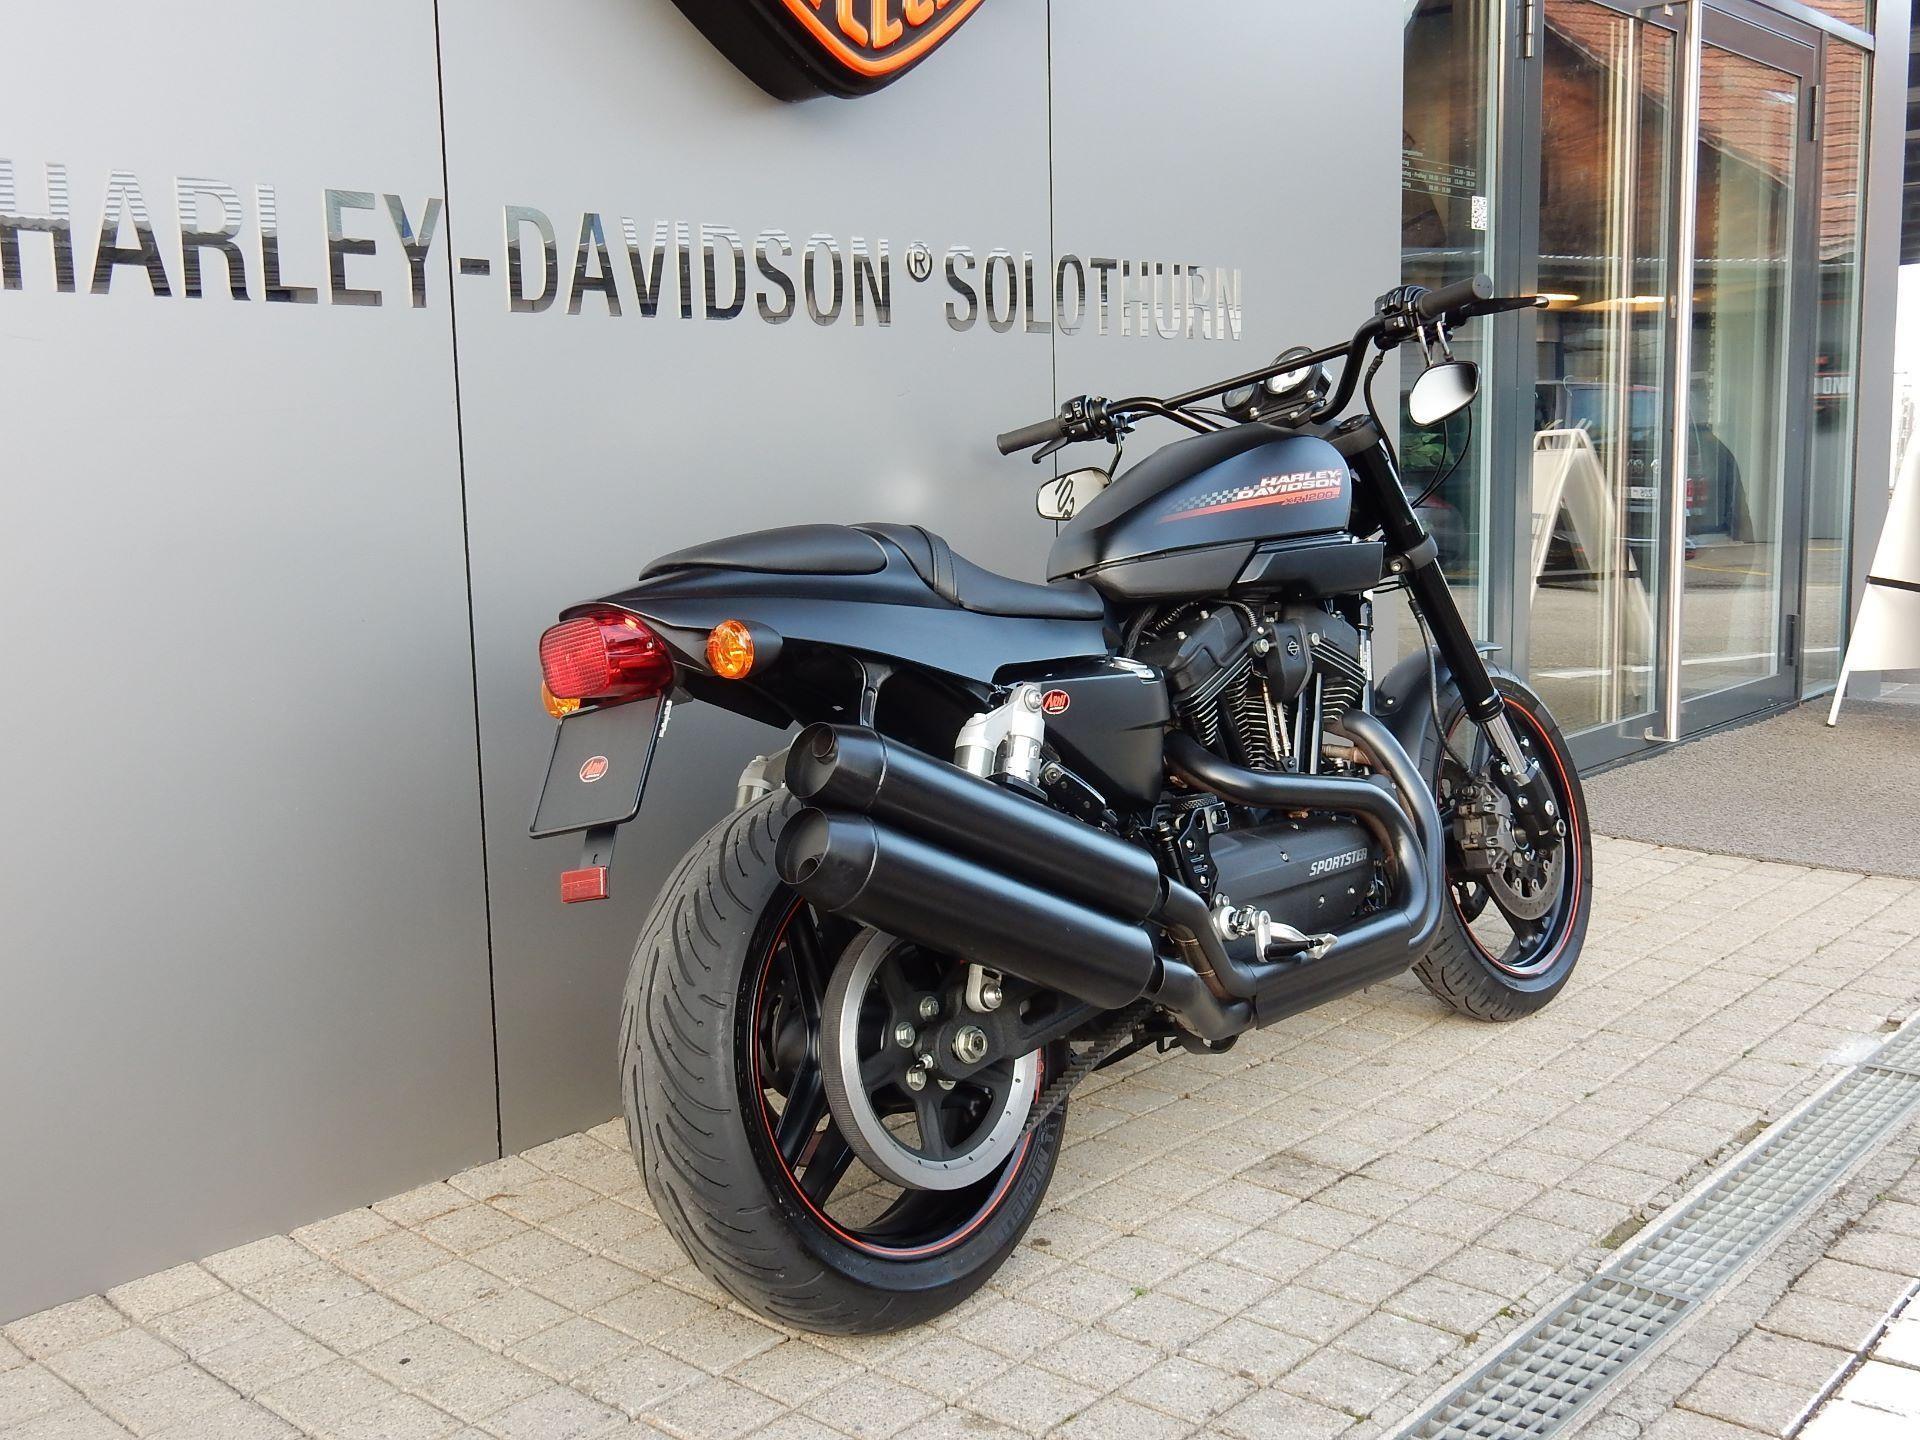 motorrad occasion kaufen harley davidson xr 1200x sportster arni harley davidson hessigkofen. Black Bedroom Furniture Sets. Home Design Ideas